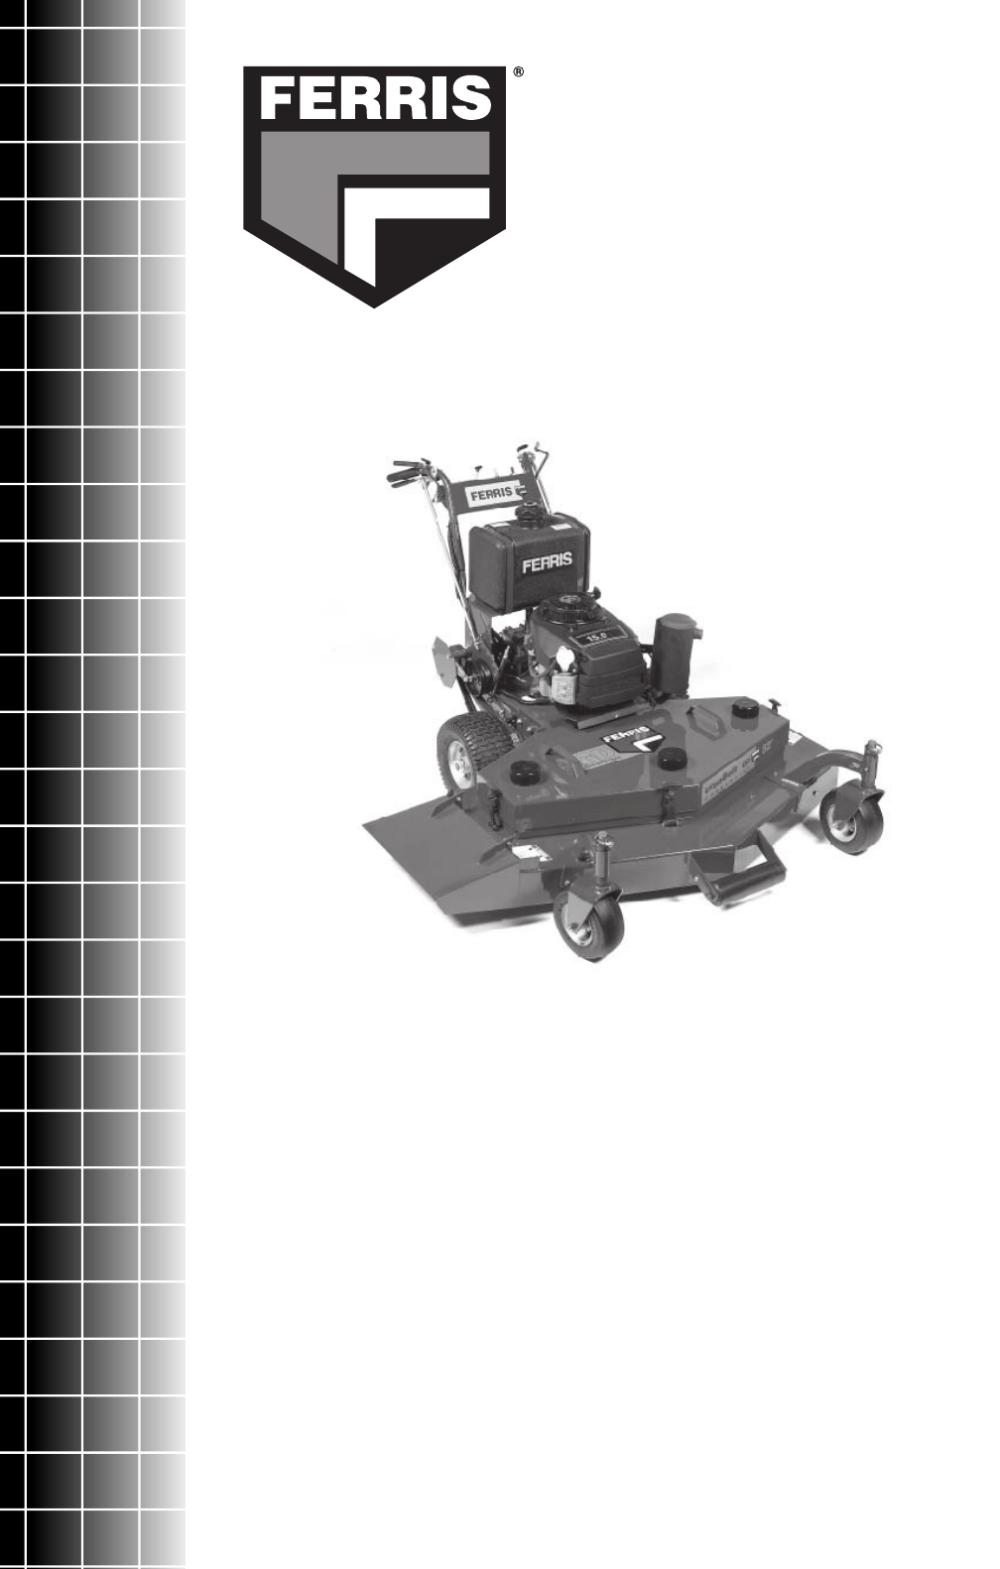 medium resolution of ferri mower schematic